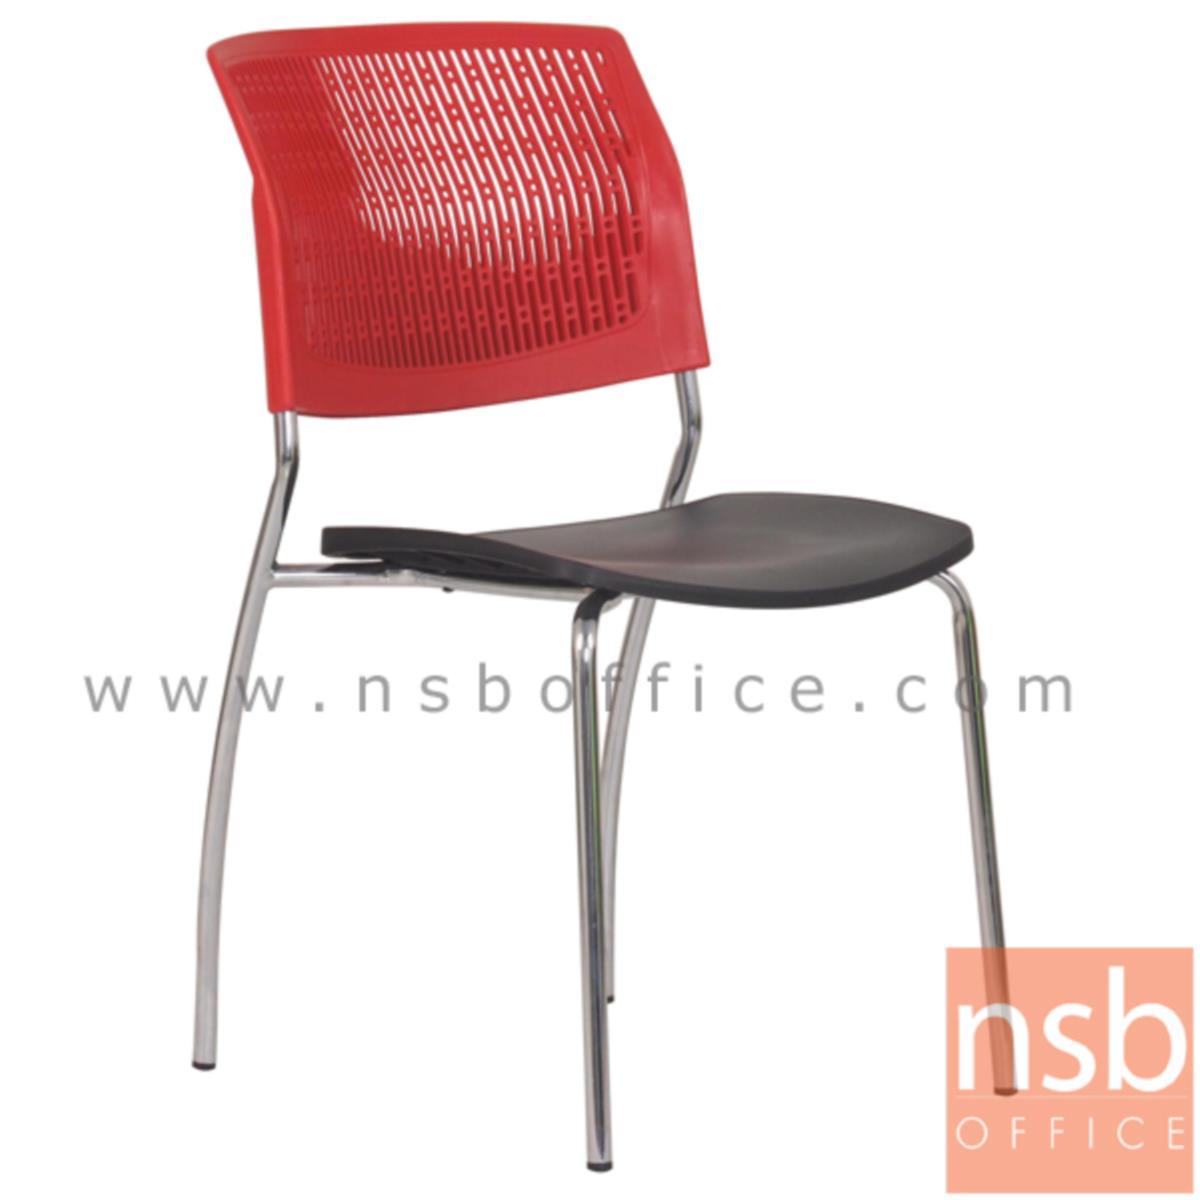 B04A143:เก้าอี้อเนกประสงค์เฟรมโพลี่ รุ่น MS011  ขาเหล็กชุบโครเมี่ยม